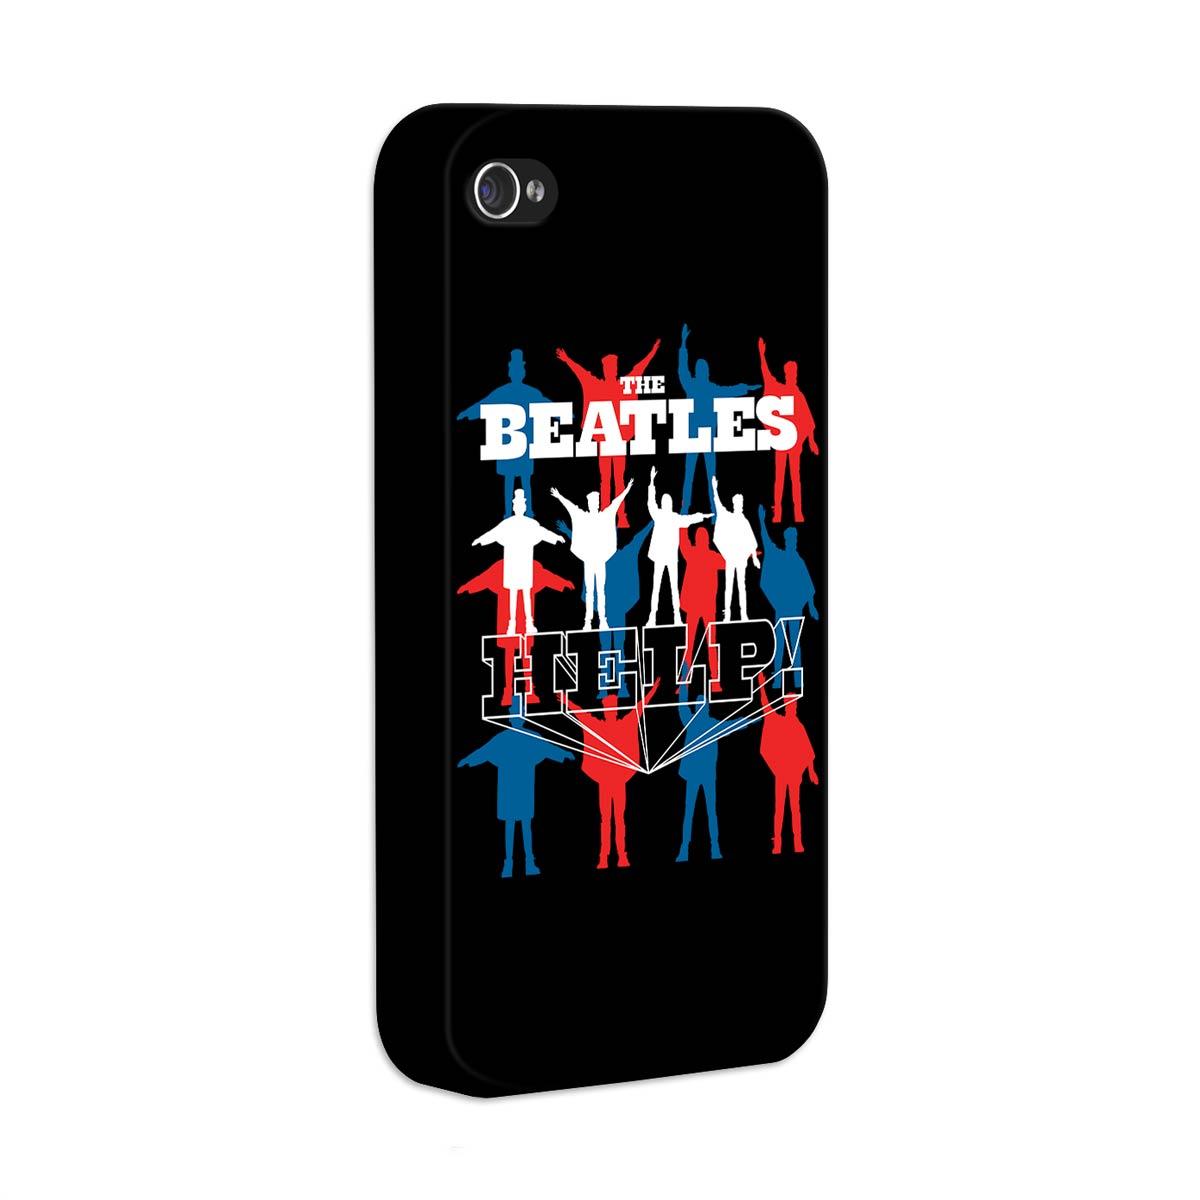 Capa de iPhone 4/4S The Beatles Help